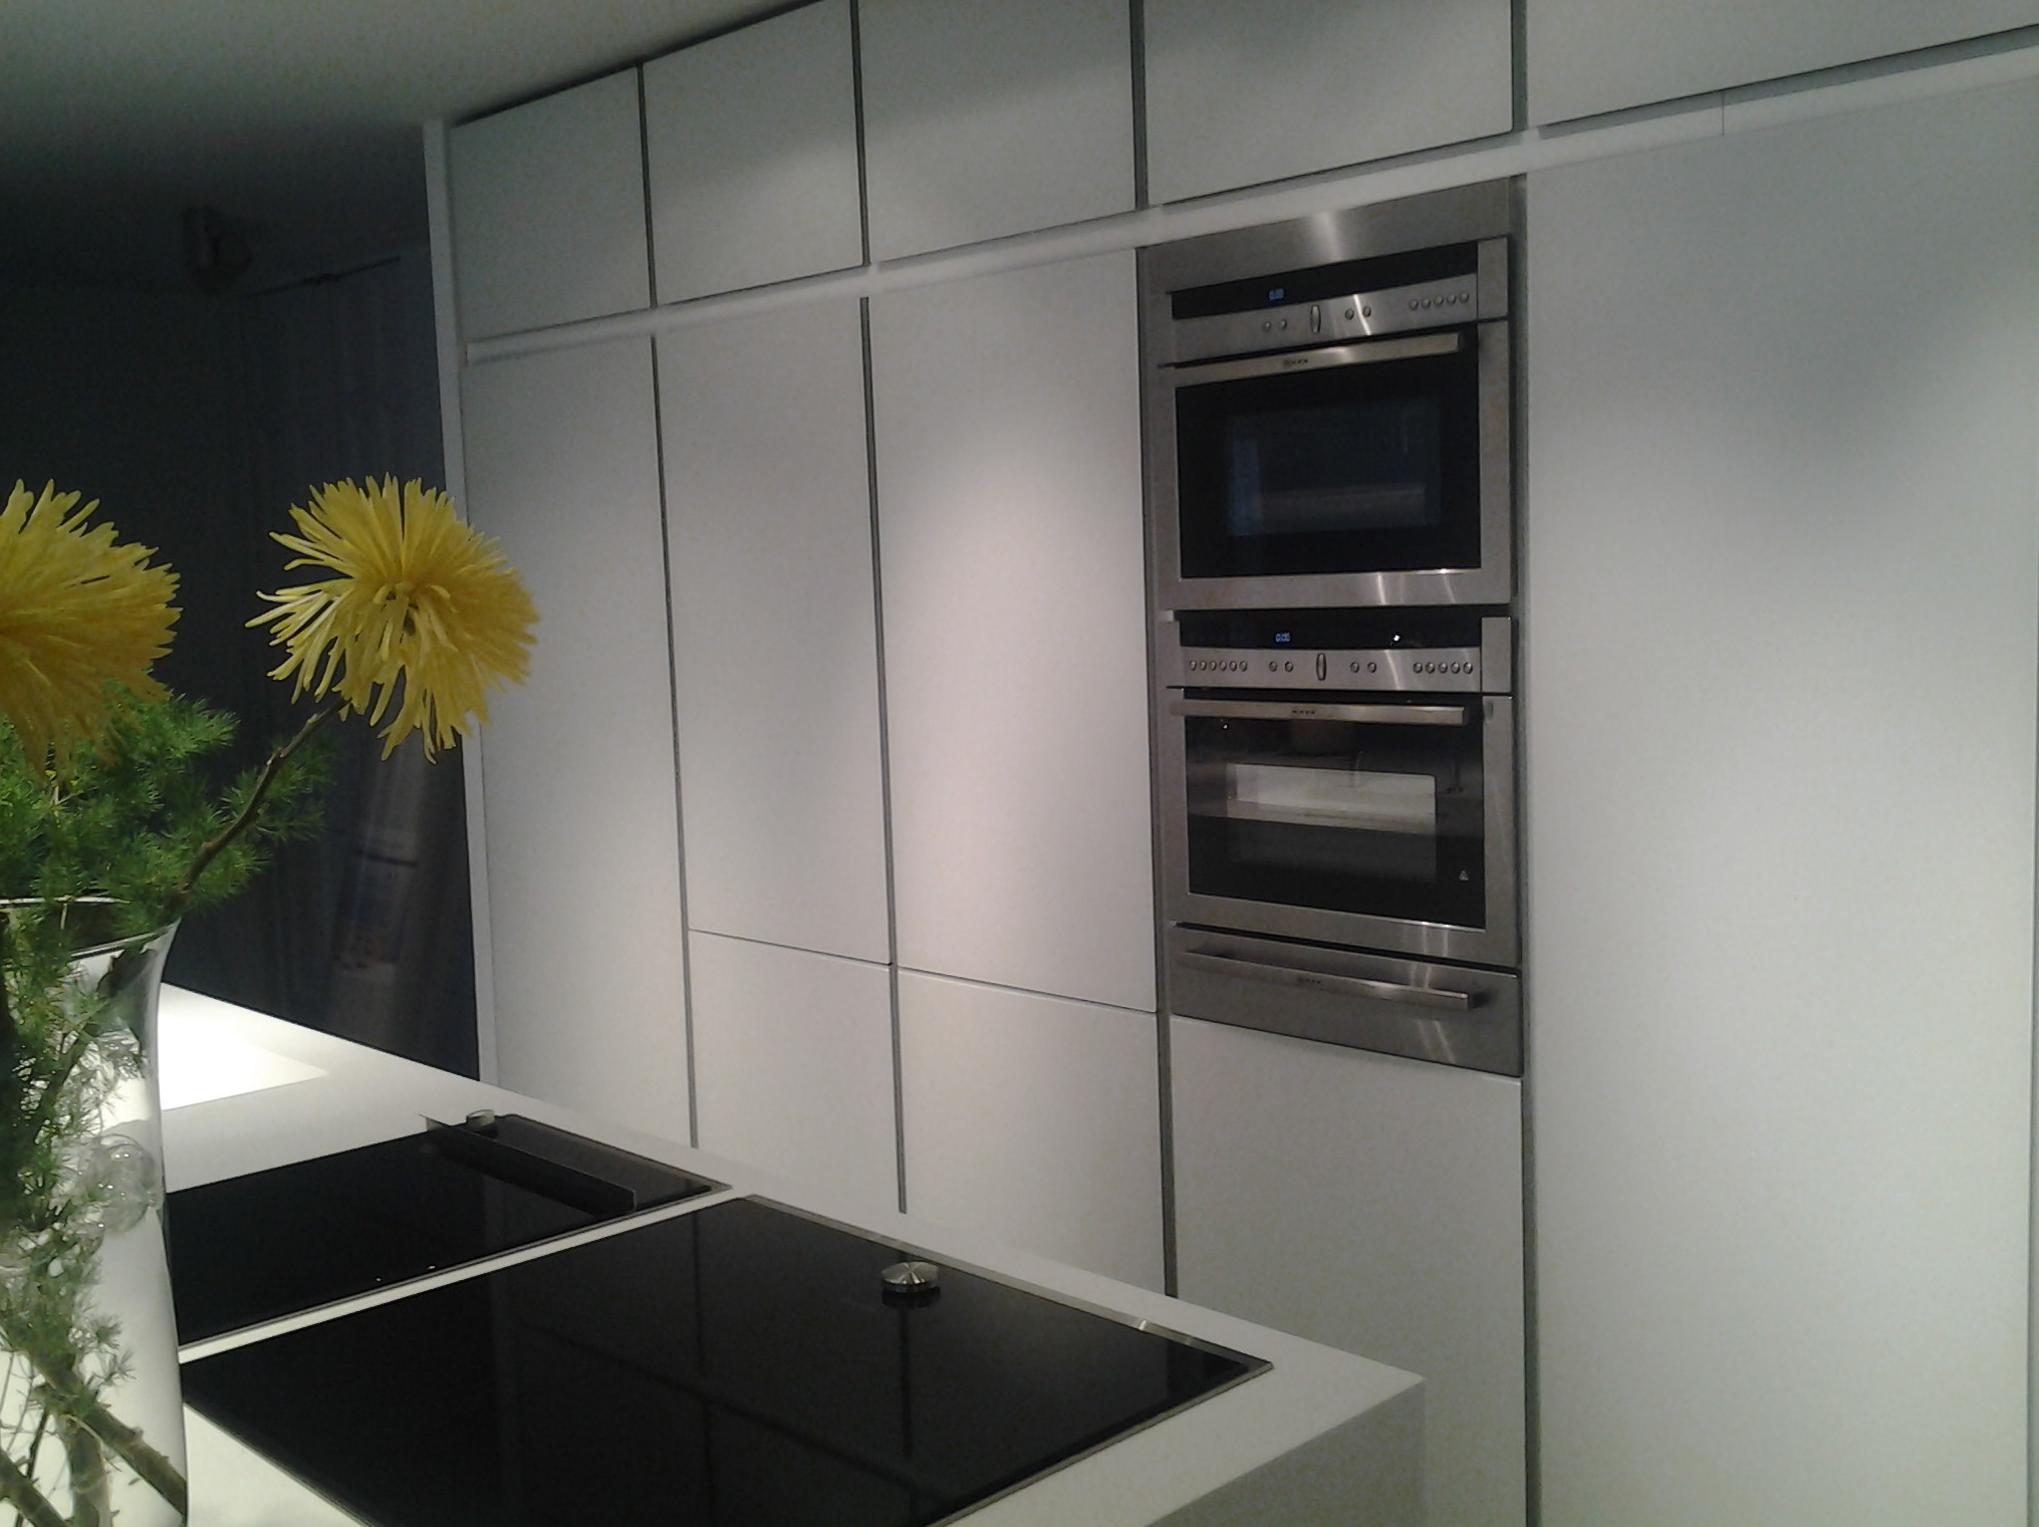 Muebles de cocina en fuenlabrada con facilidades de - Muebles fuenlabrada ...